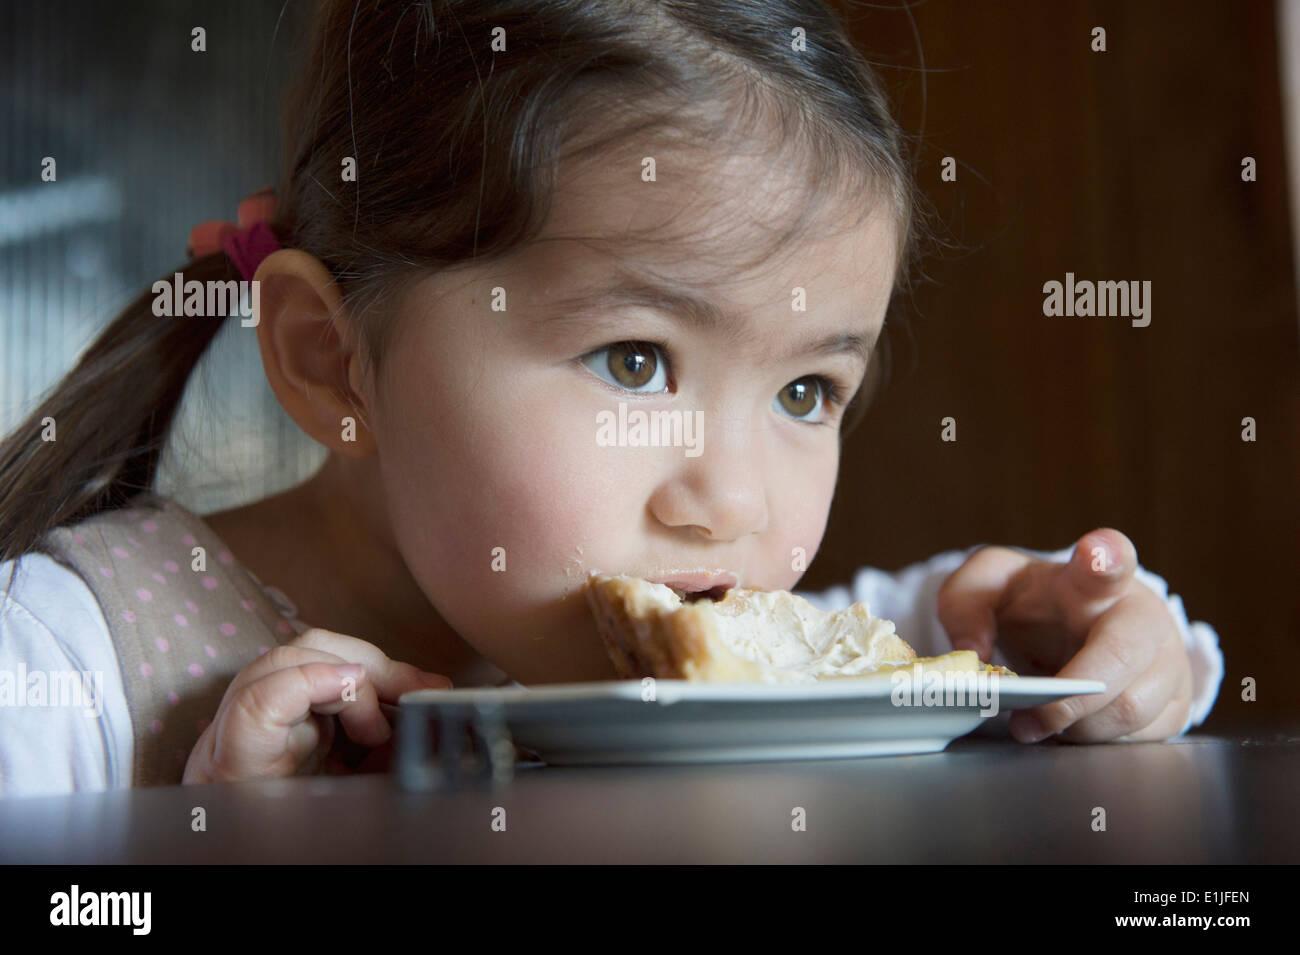 Mädchen, die Veredelung ihrer Torte Stockbild